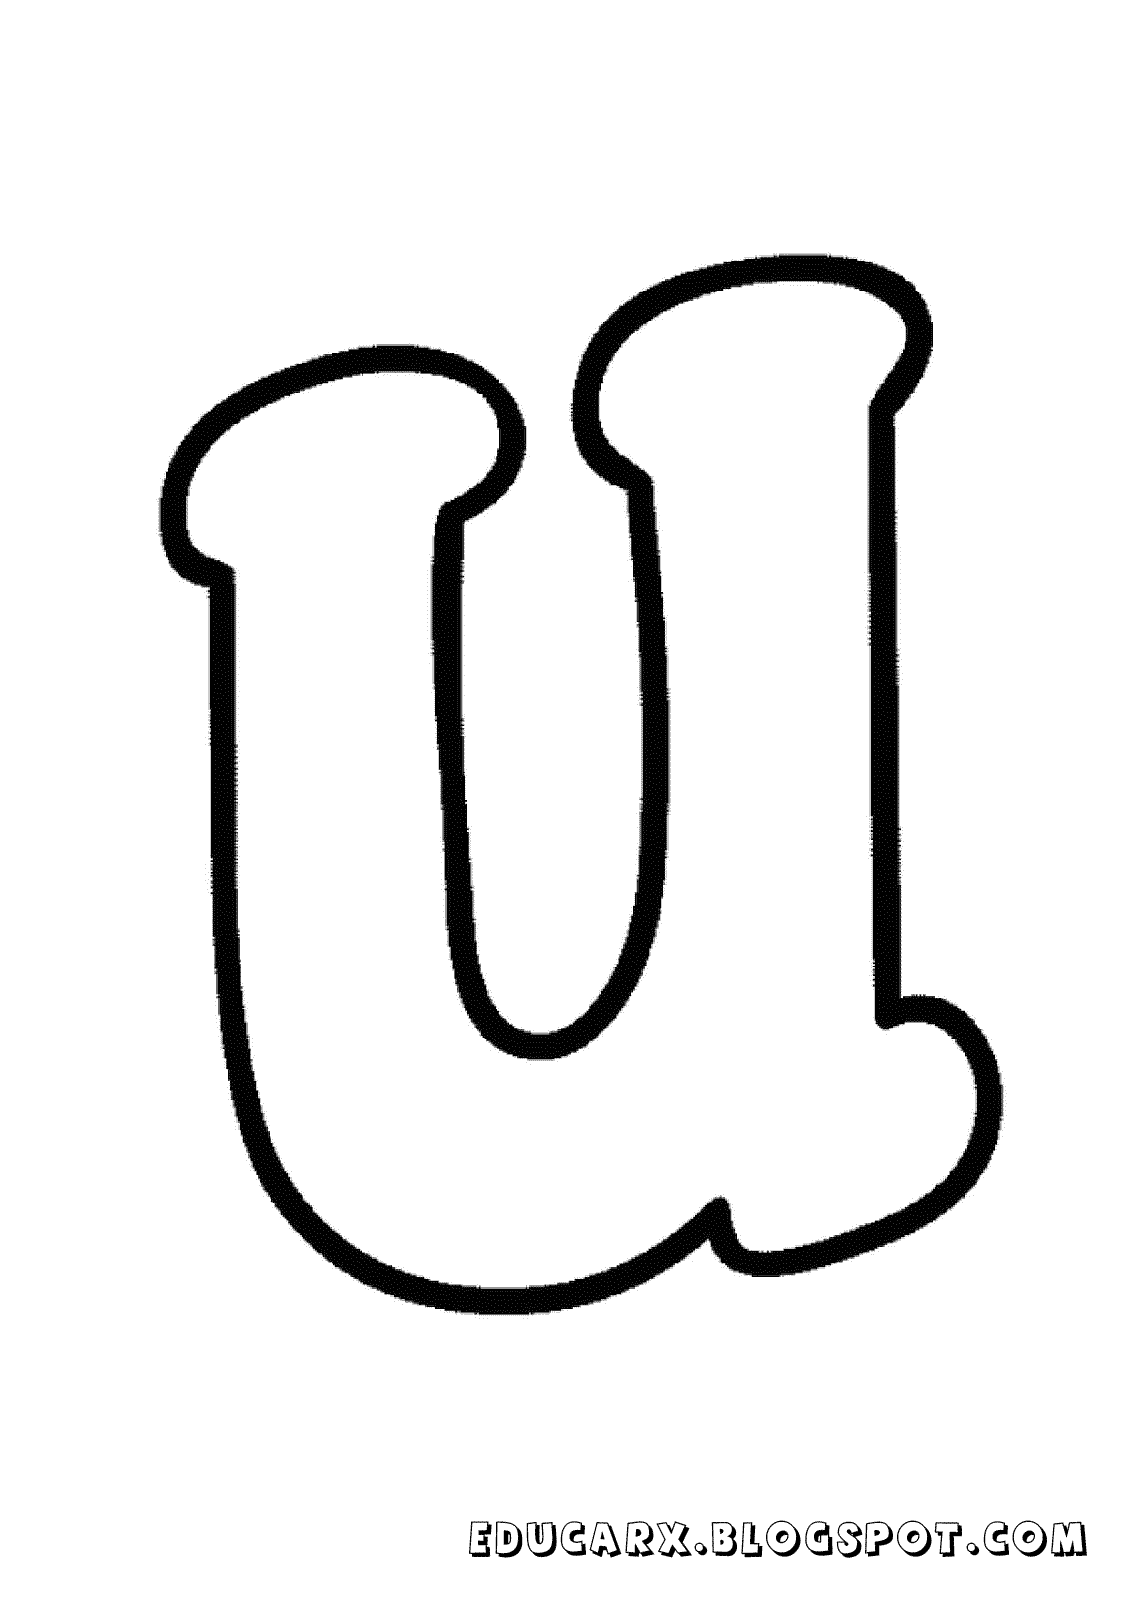 Educar X: Molde de letras maiúsculas e minusculas